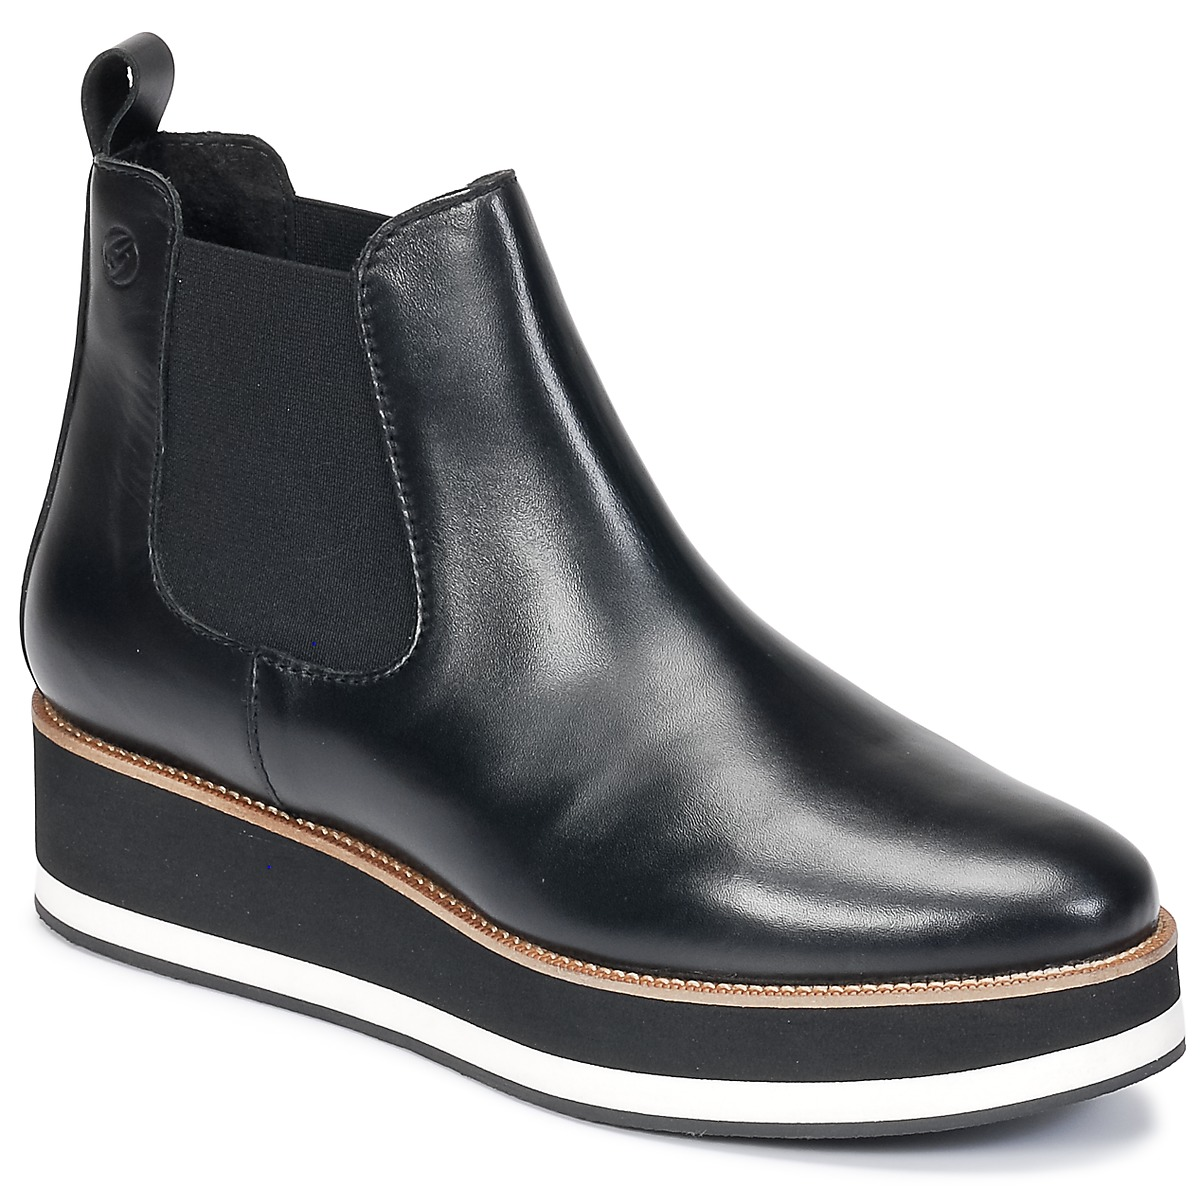 6c95f0daac9c1 Bottine femme - Soldes sur un grand choix de Bottines   Boots ...